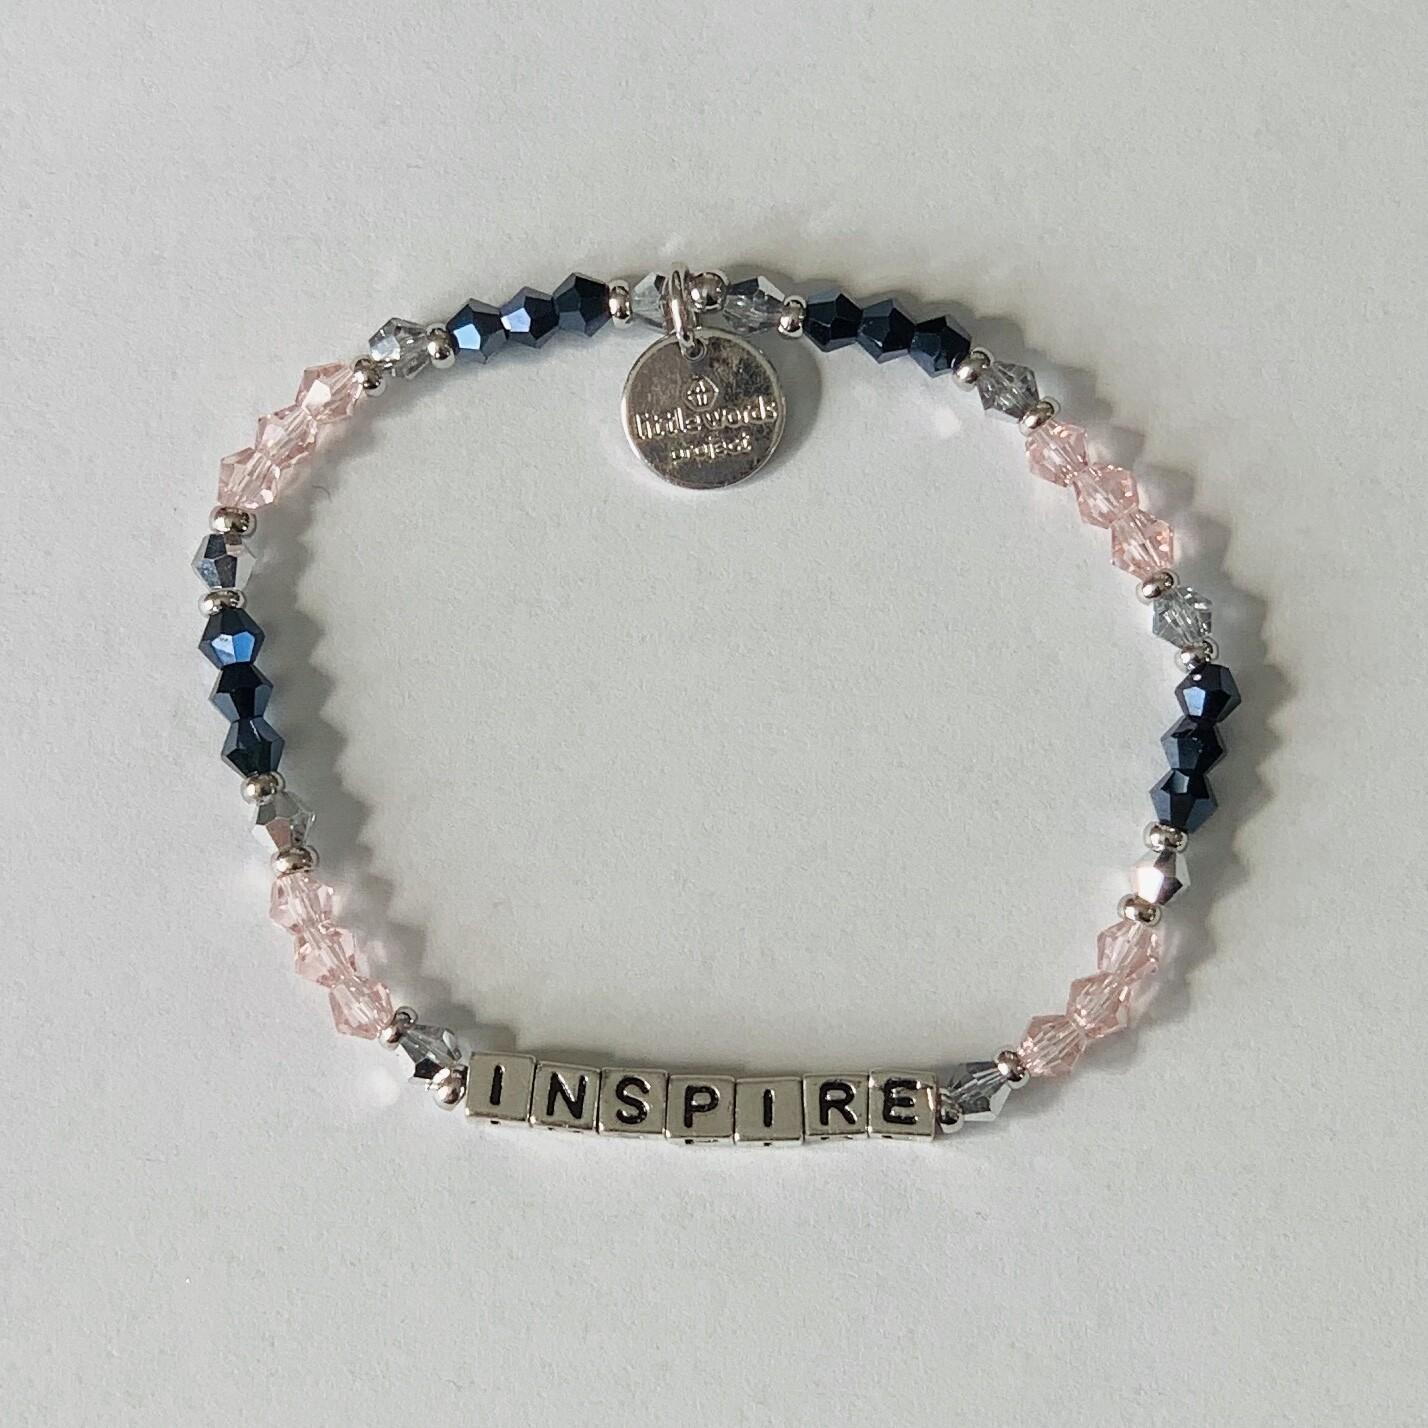 Little Words Project Silver INSPIRE Bracelet